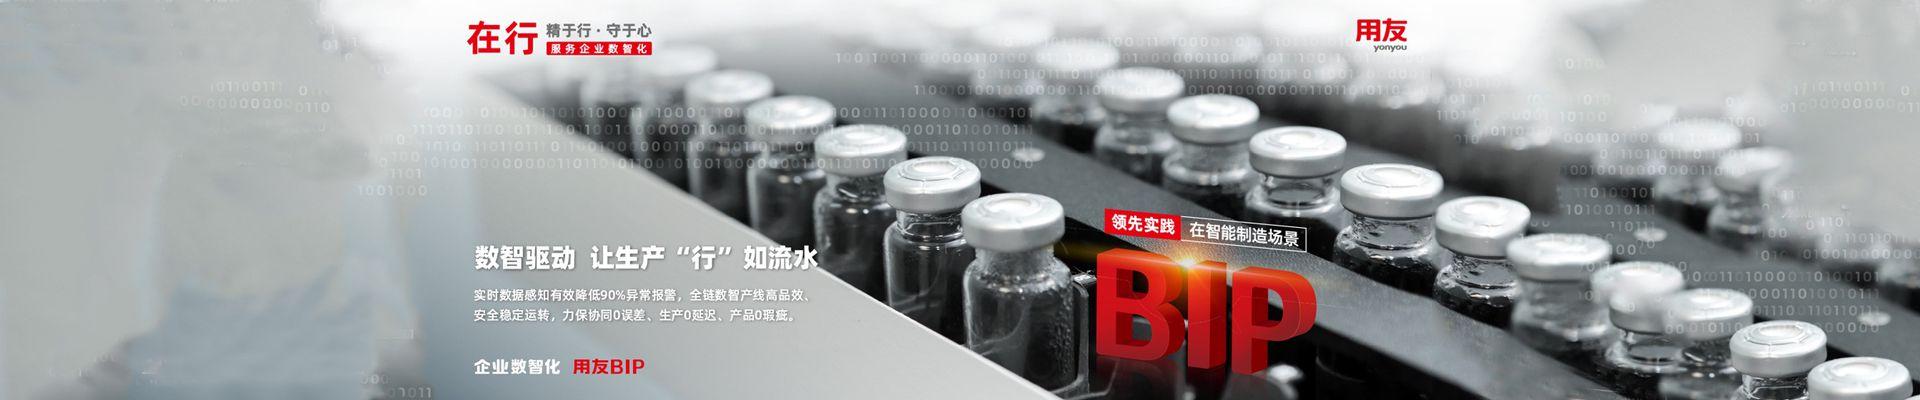 火狐体育竞猜网首页财务软件